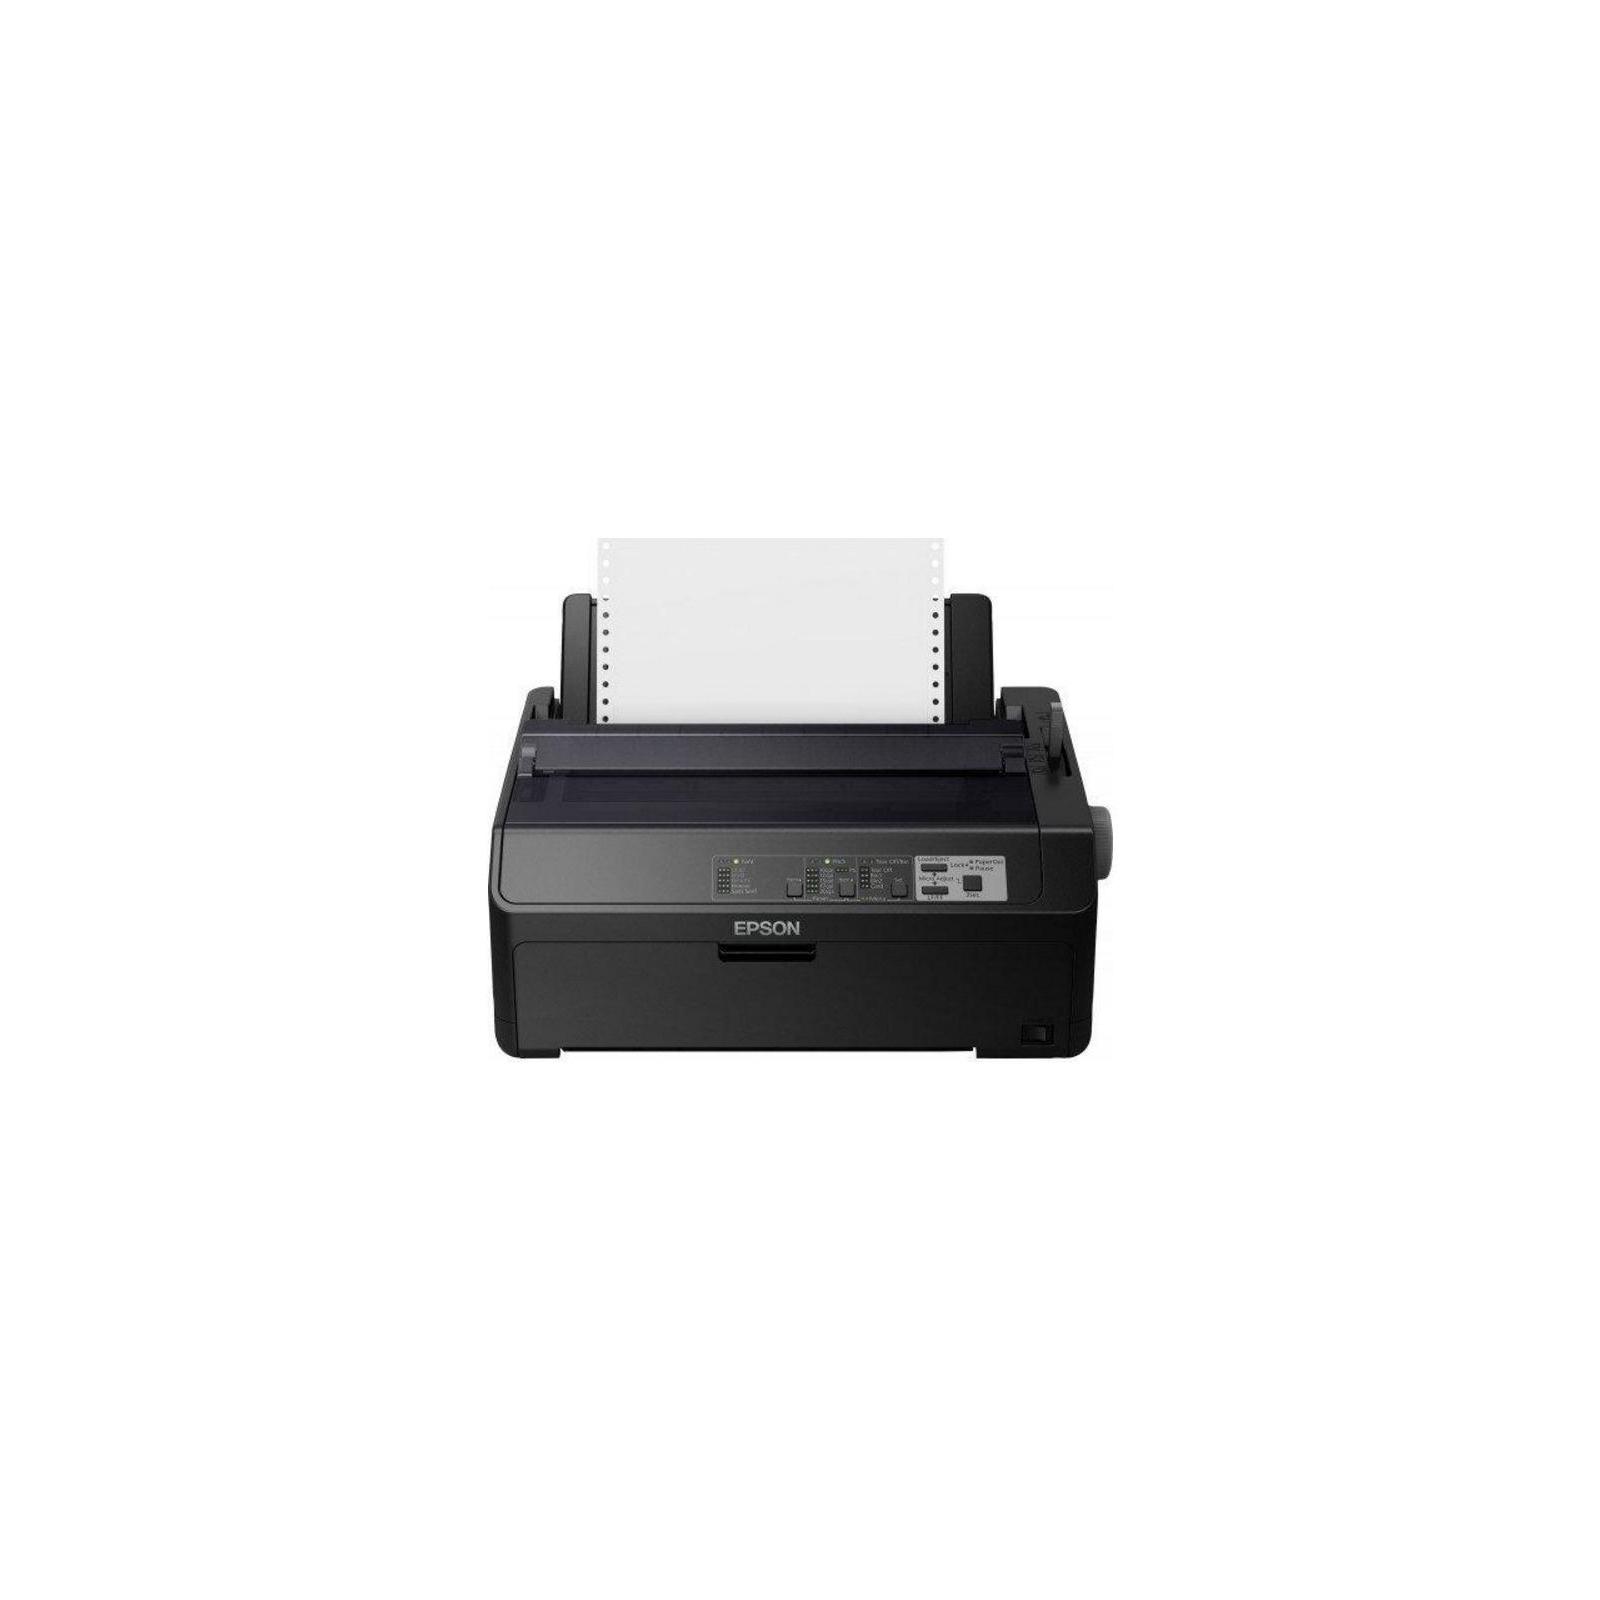 Матричный принтер FX 890II Epson (C11CF37401) изображение 2